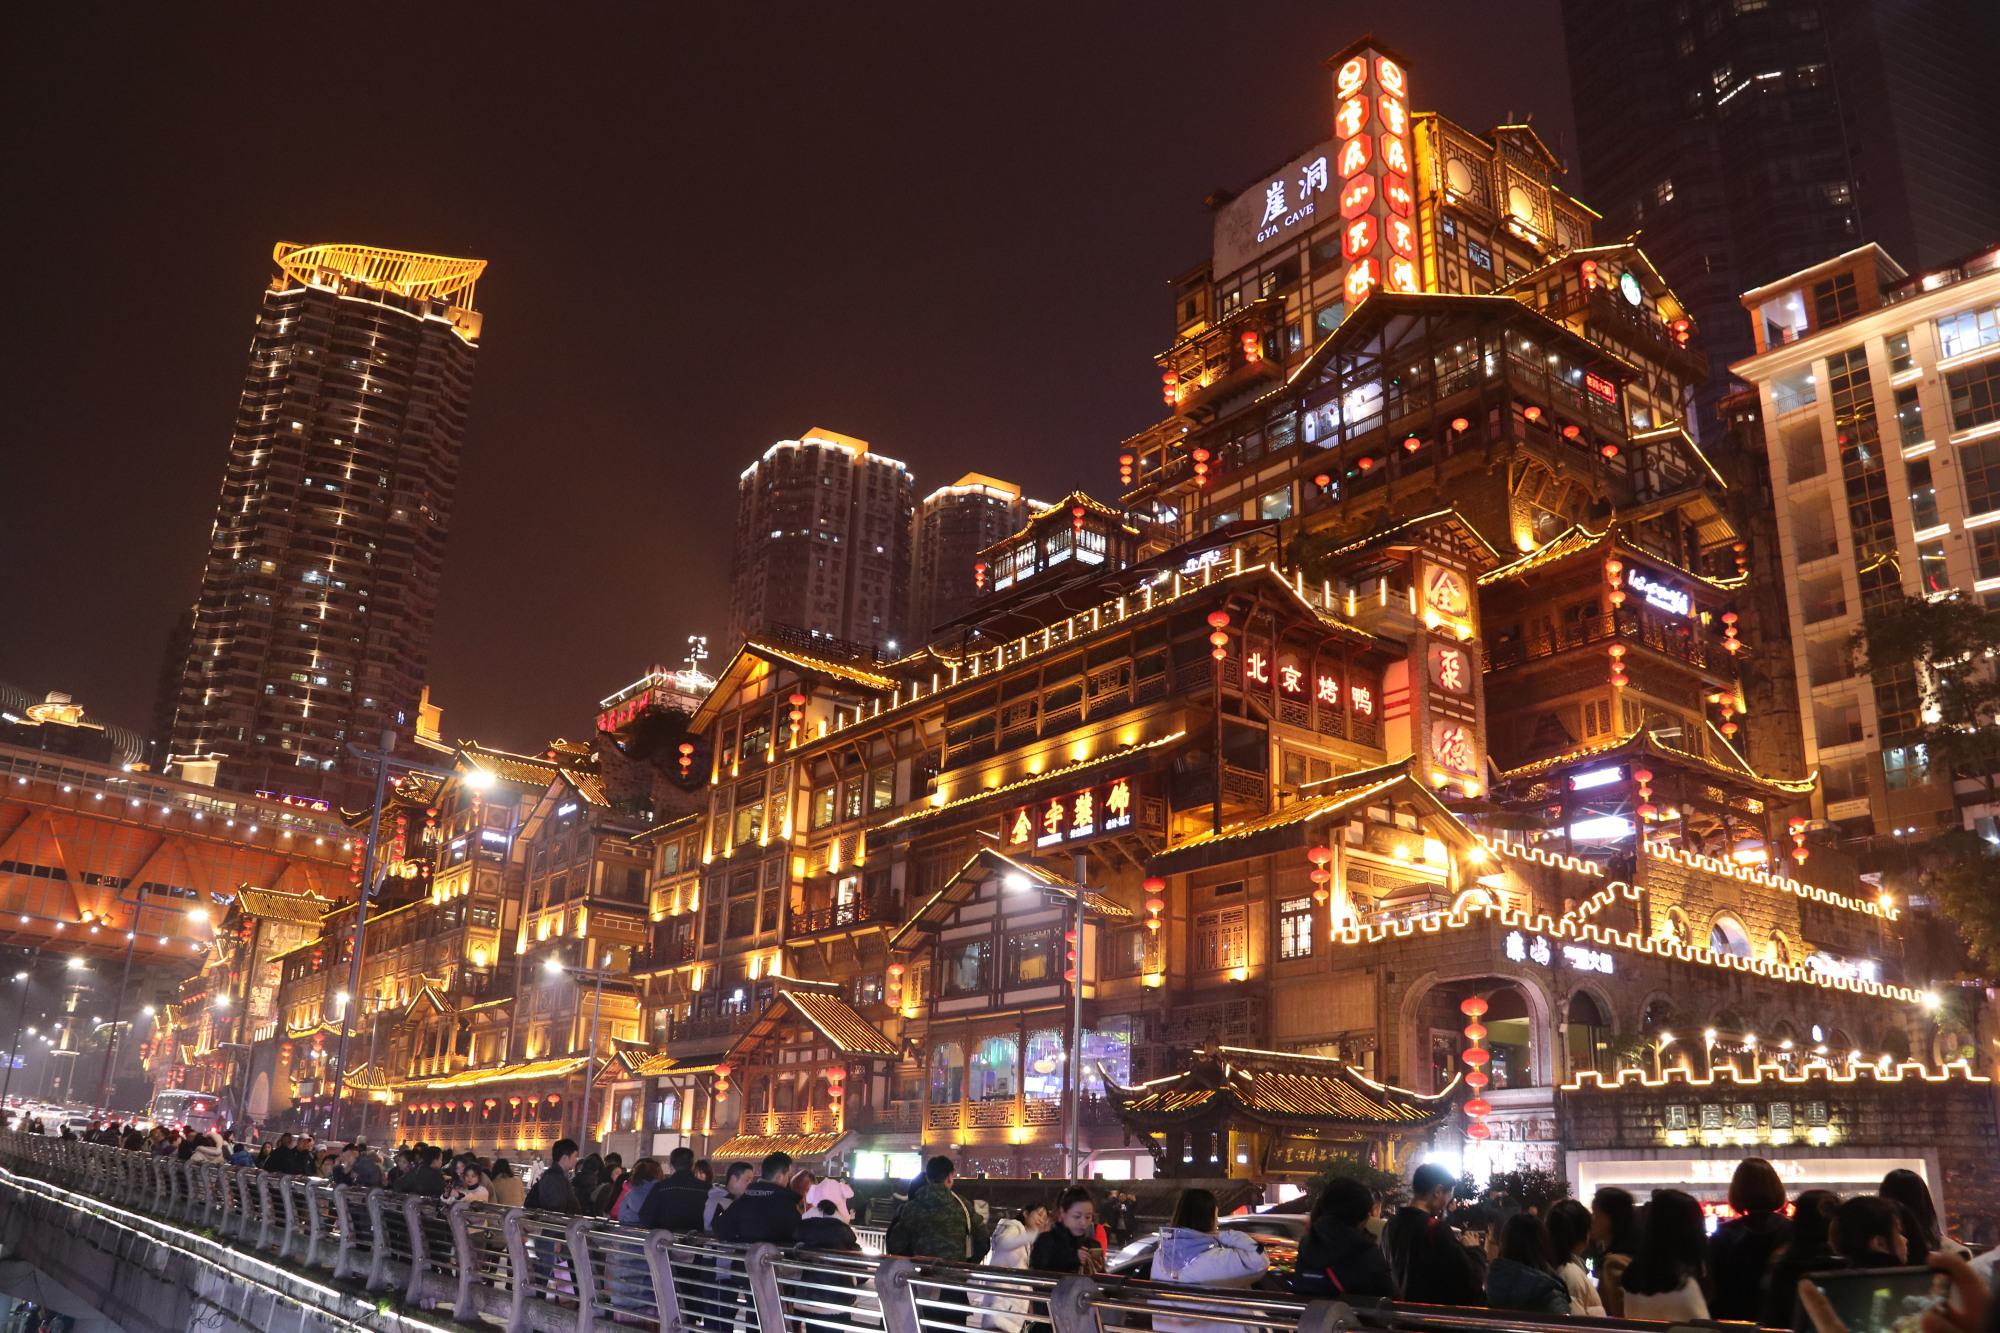 重庆免费的4a旅游景点,吃货必去的打卡地,夜晚灯火辉煌真迷人